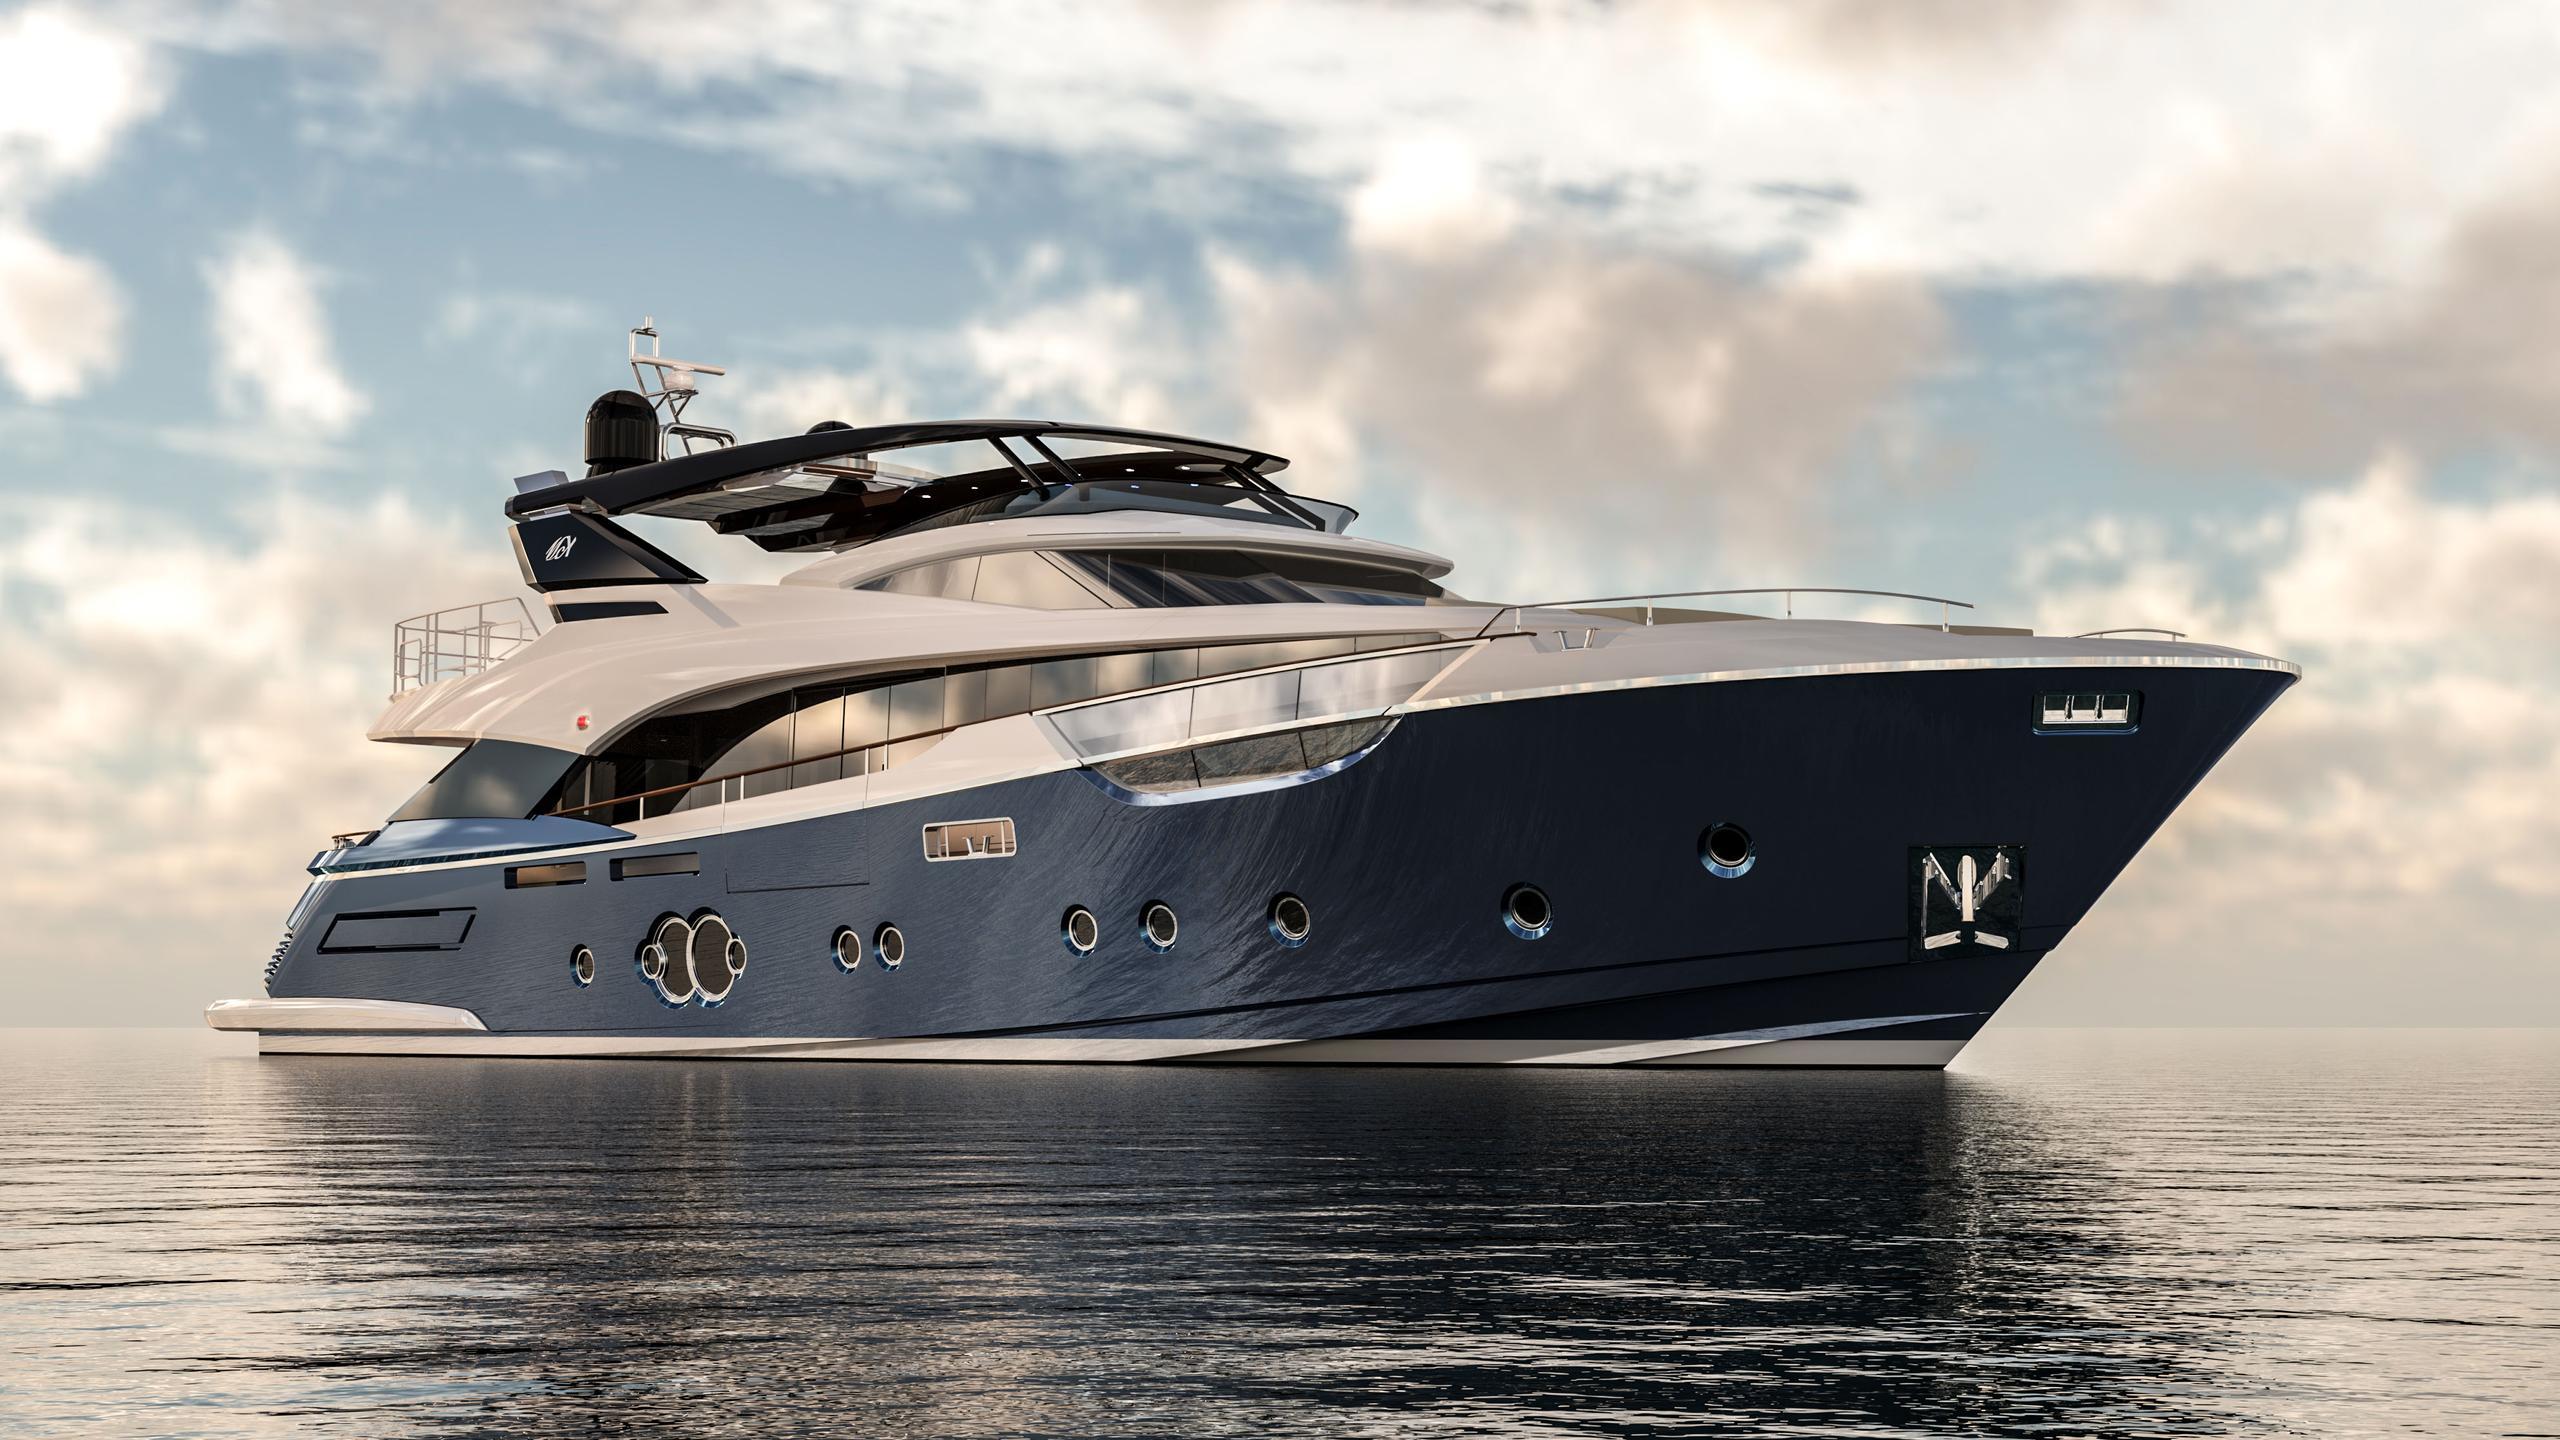 esmeralda of the seas motoryacht monte carlo yachts 30m 2018 rendering